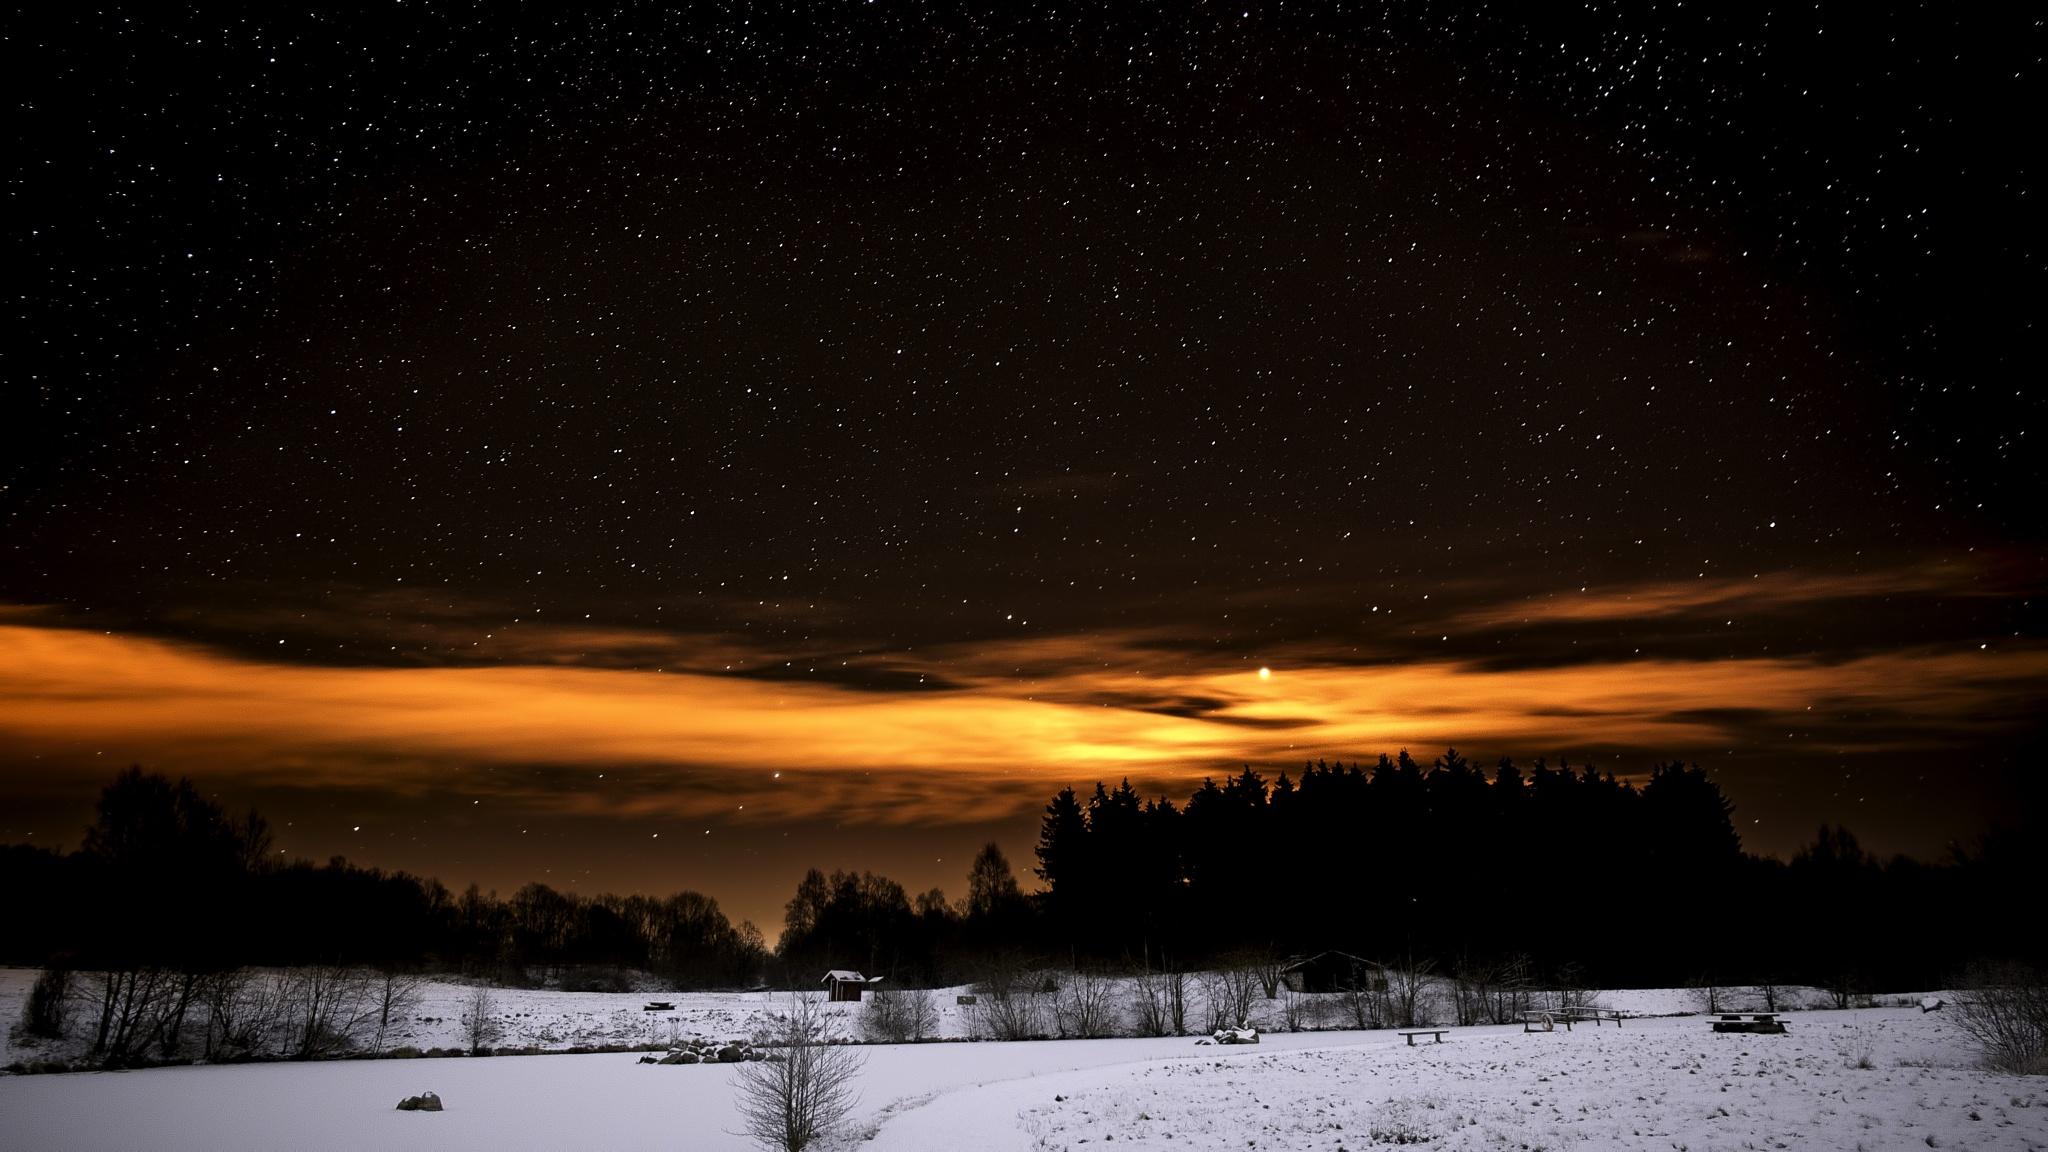 Night sky over Fulltofta by Benny Olsson